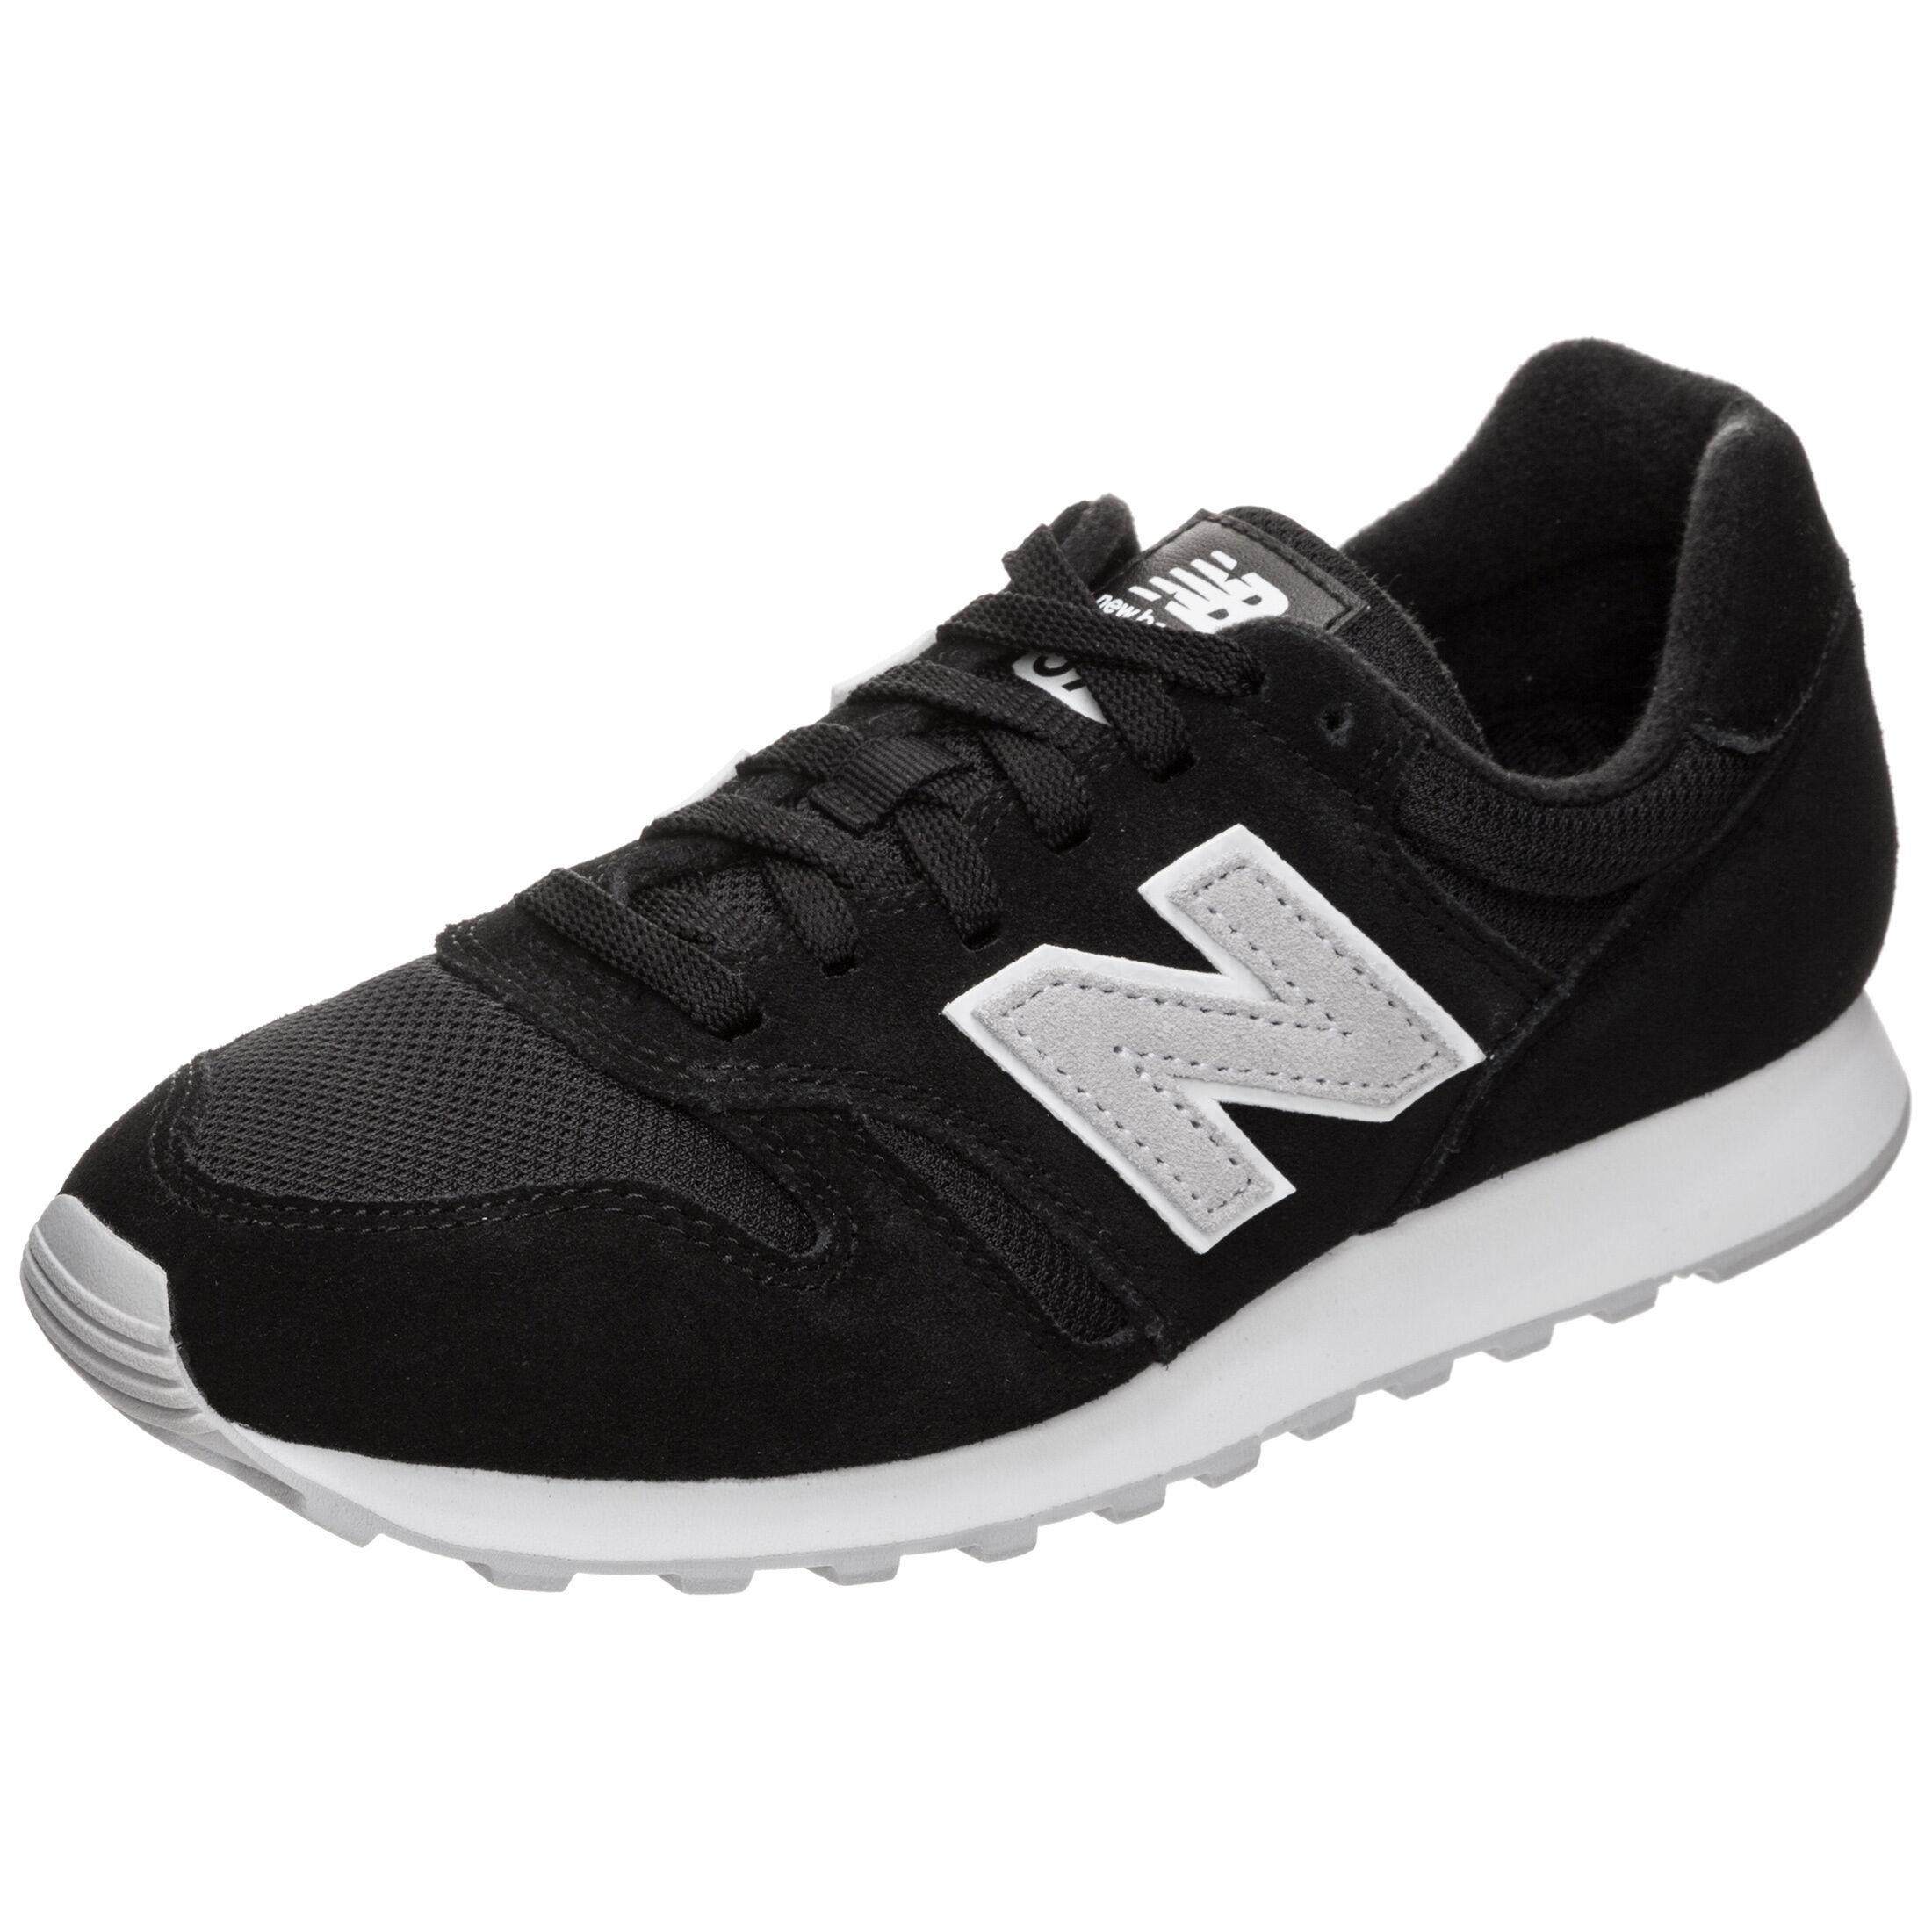 hot sales 8a4e9 a9cd8 Authentisch Blau Schwarz Nike Kd Trey 5 Iii thunder Bolt Schuhe, Nike  Verkauf Nike Air Max 87 Damen Schuhe Blau Grau Weiß G76p3315,